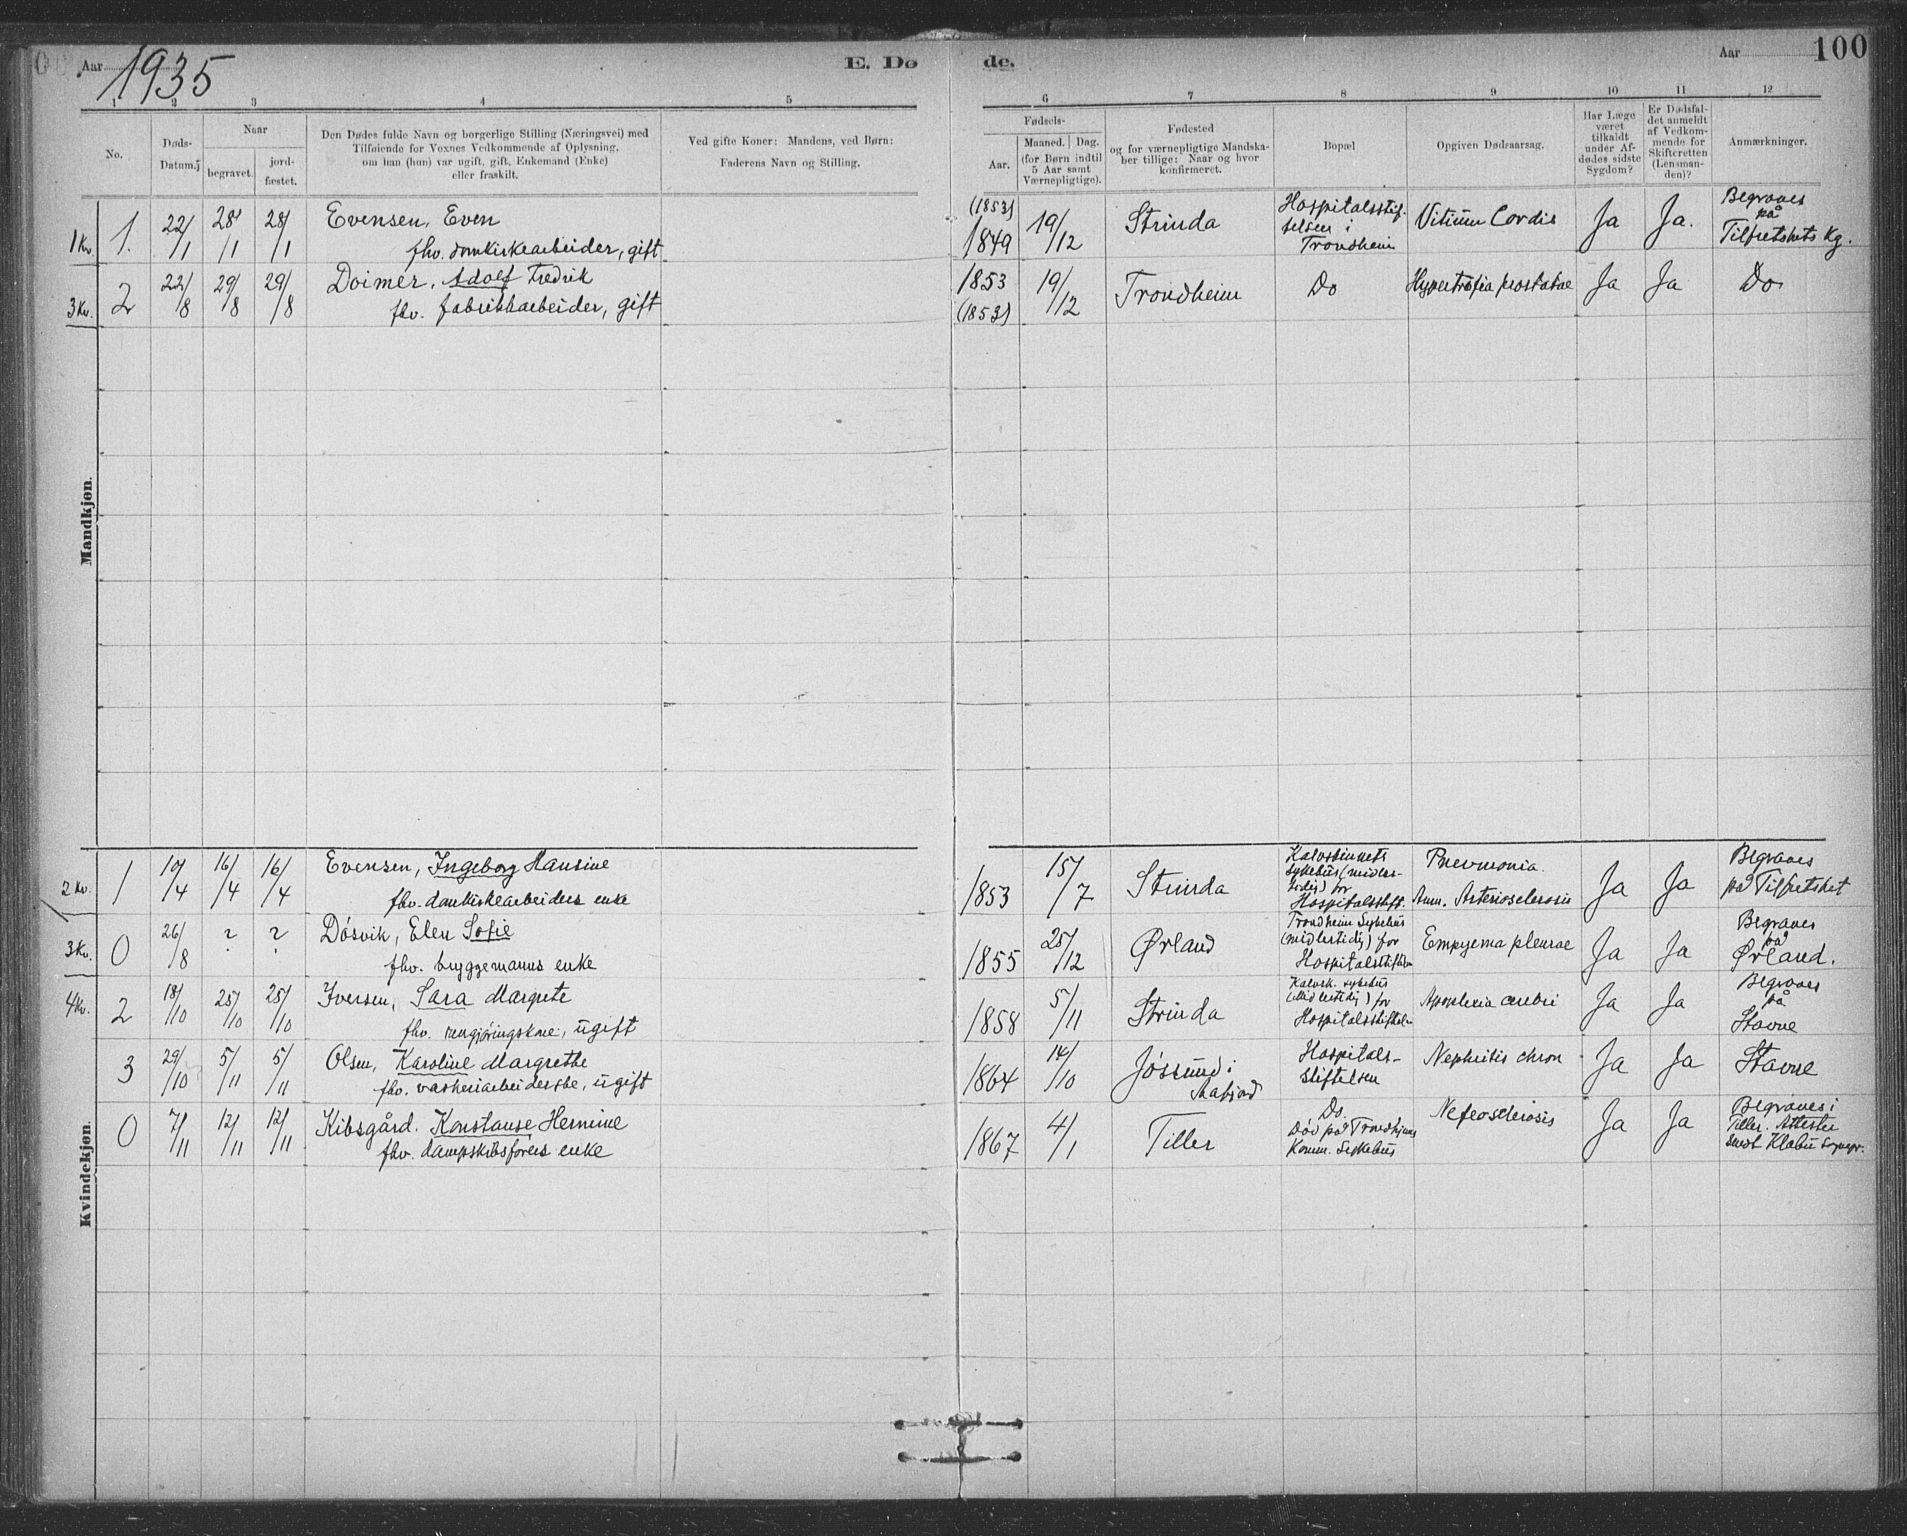 SAT, Ministerialprotokoller, klokkerbøker og fødselsregistre - Sør-Trøndelag, 623/L0470: Ministerialbok nr. 623A04, 1884-1938, s. 100